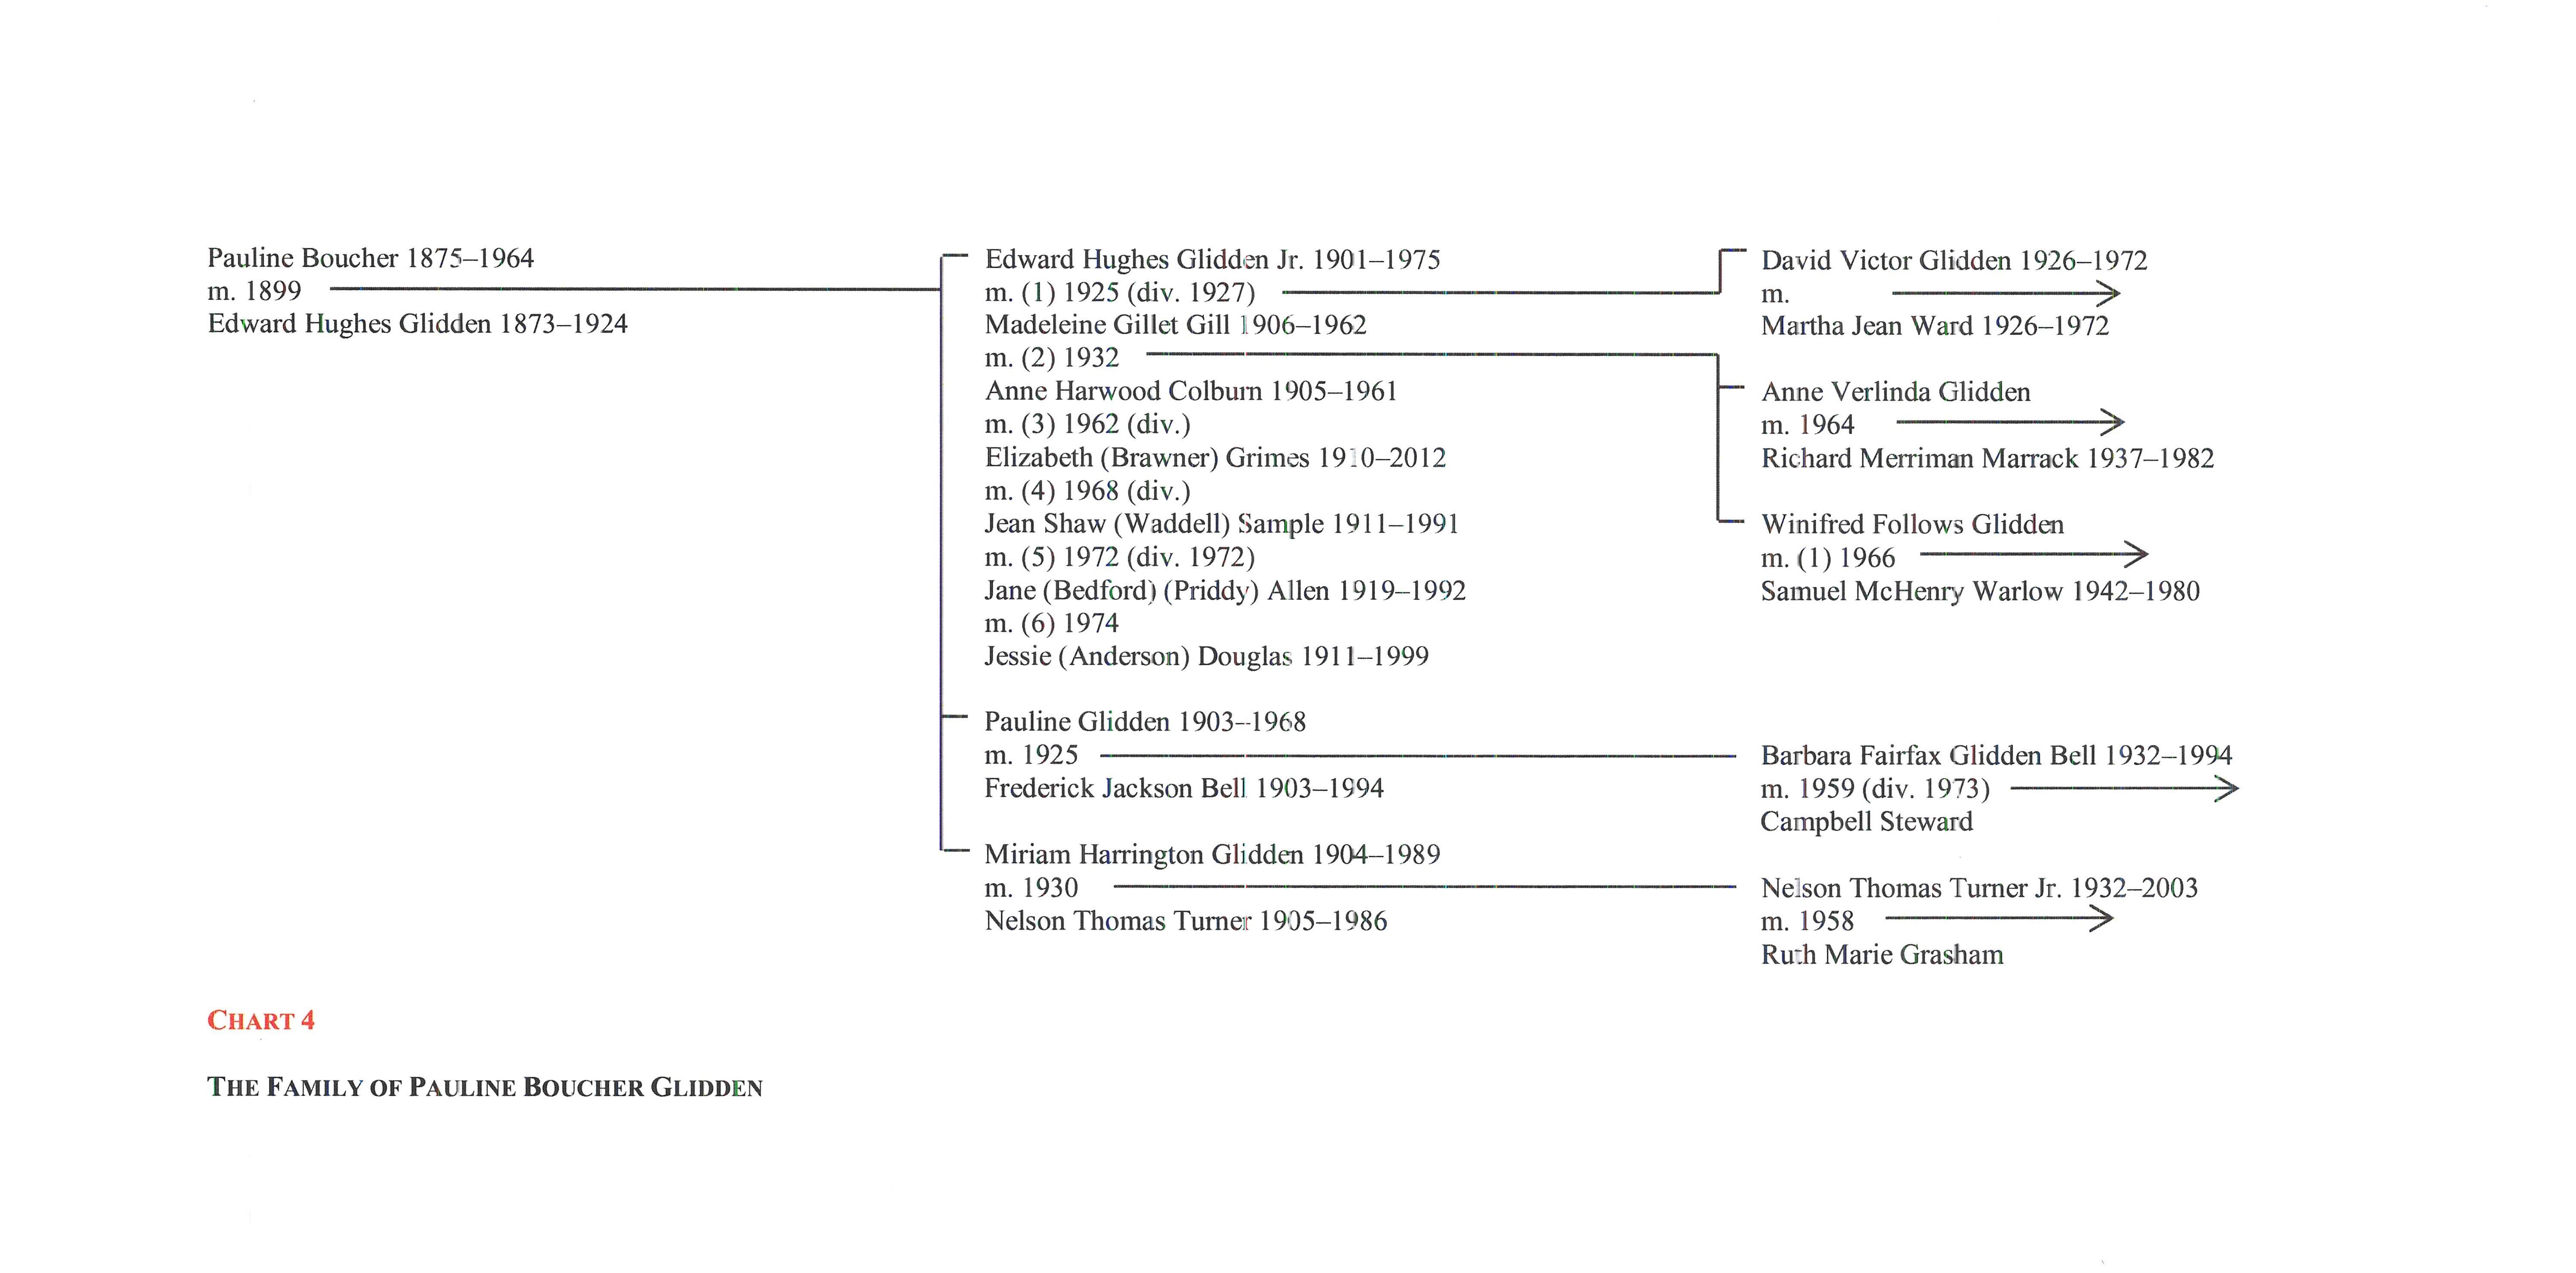 Boucher chart 4